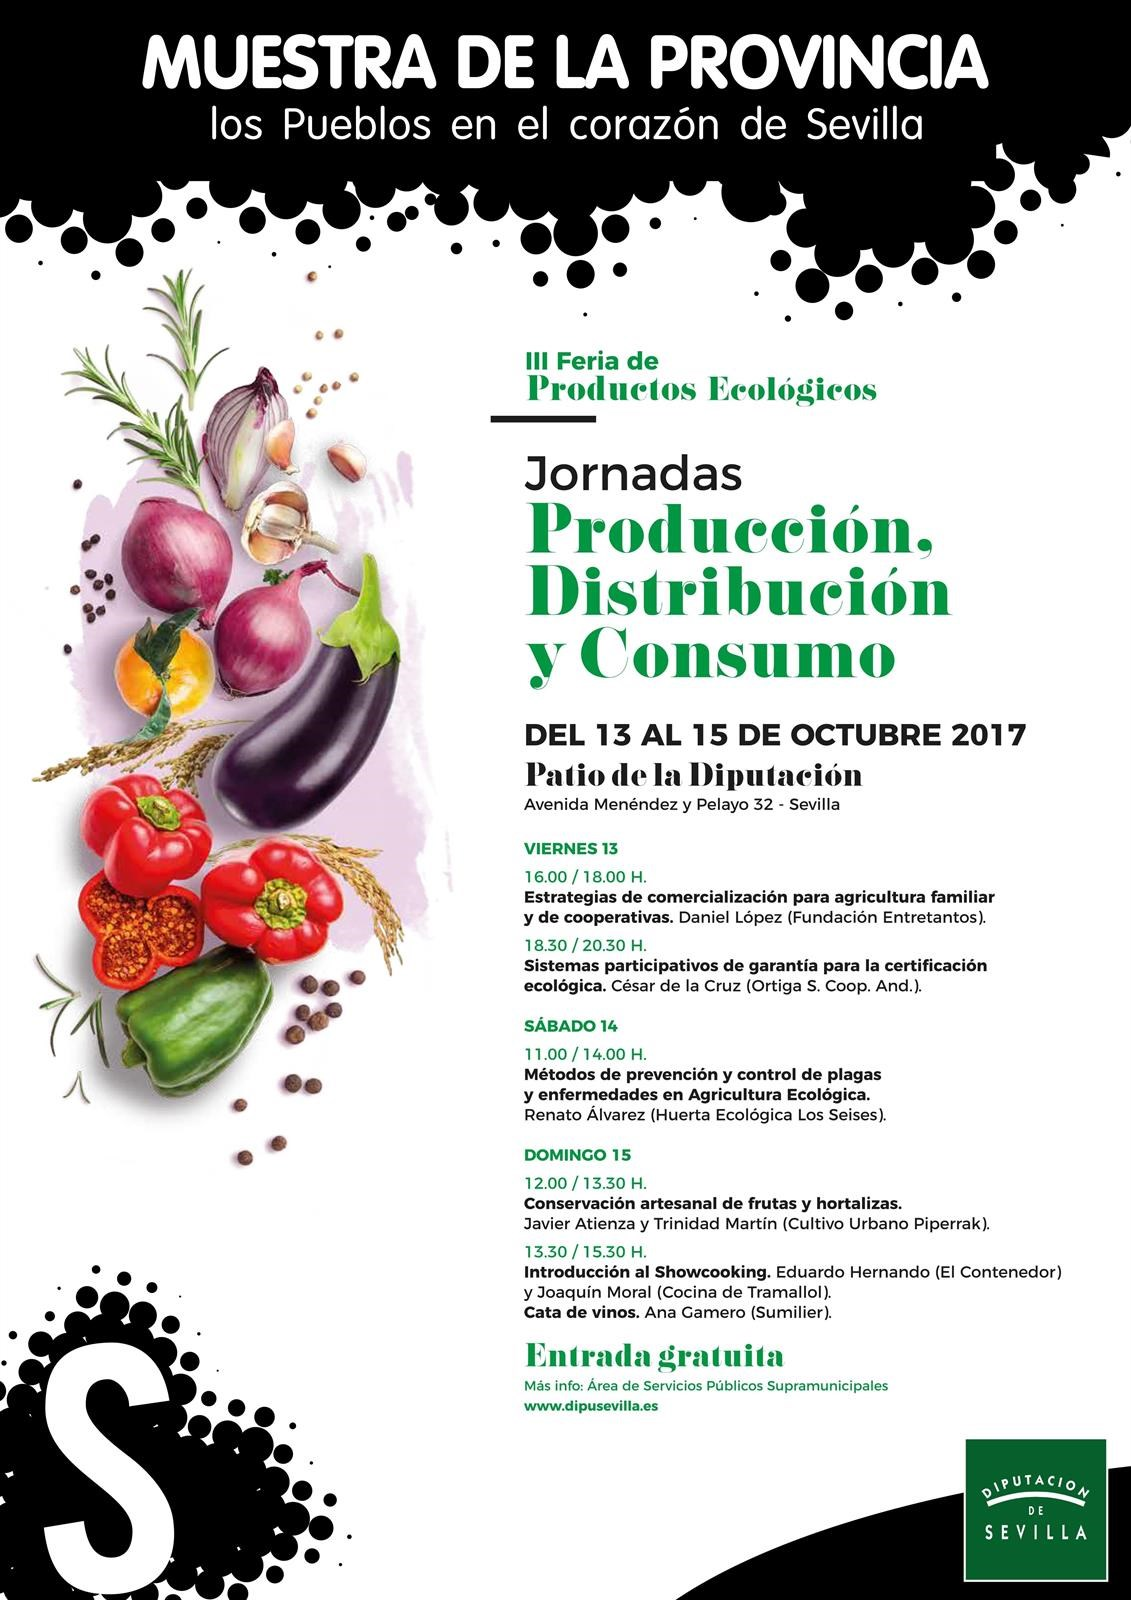 La Diputación de Sevilla celebra unas jornadas de distribución y consumo de productos ecológicos